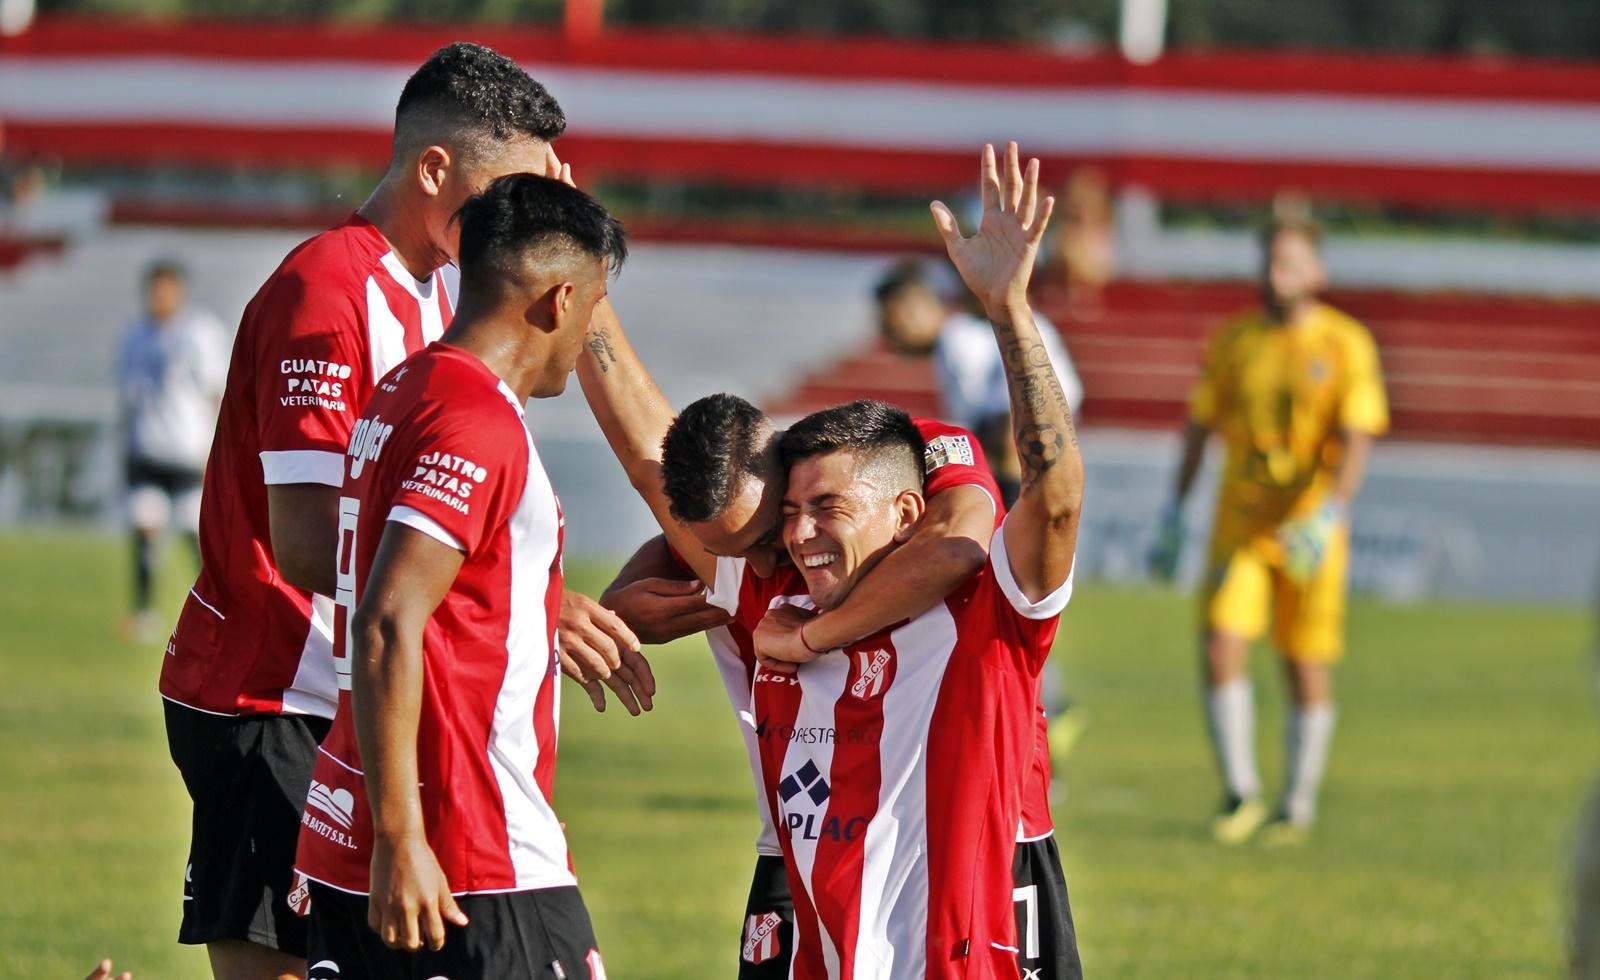 Costa Brava le ganó a Rácing de Castex en el debut del Regional Federal